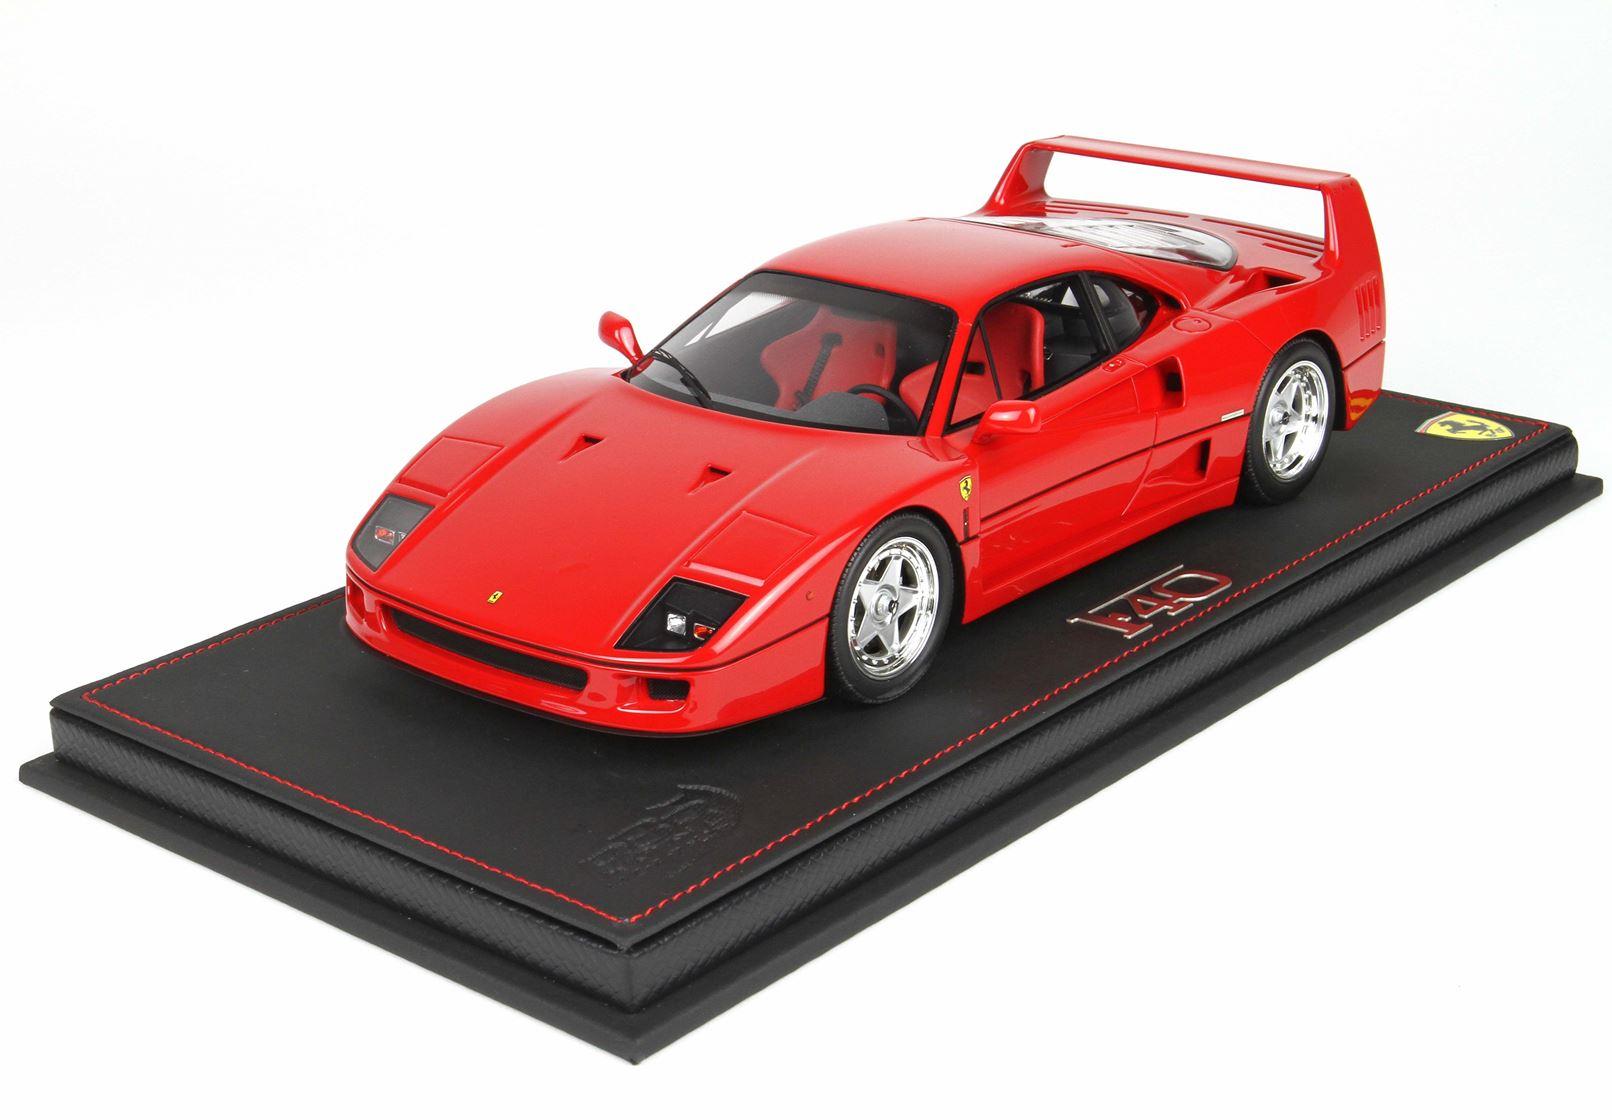 Ferrari F40 Red 1/18